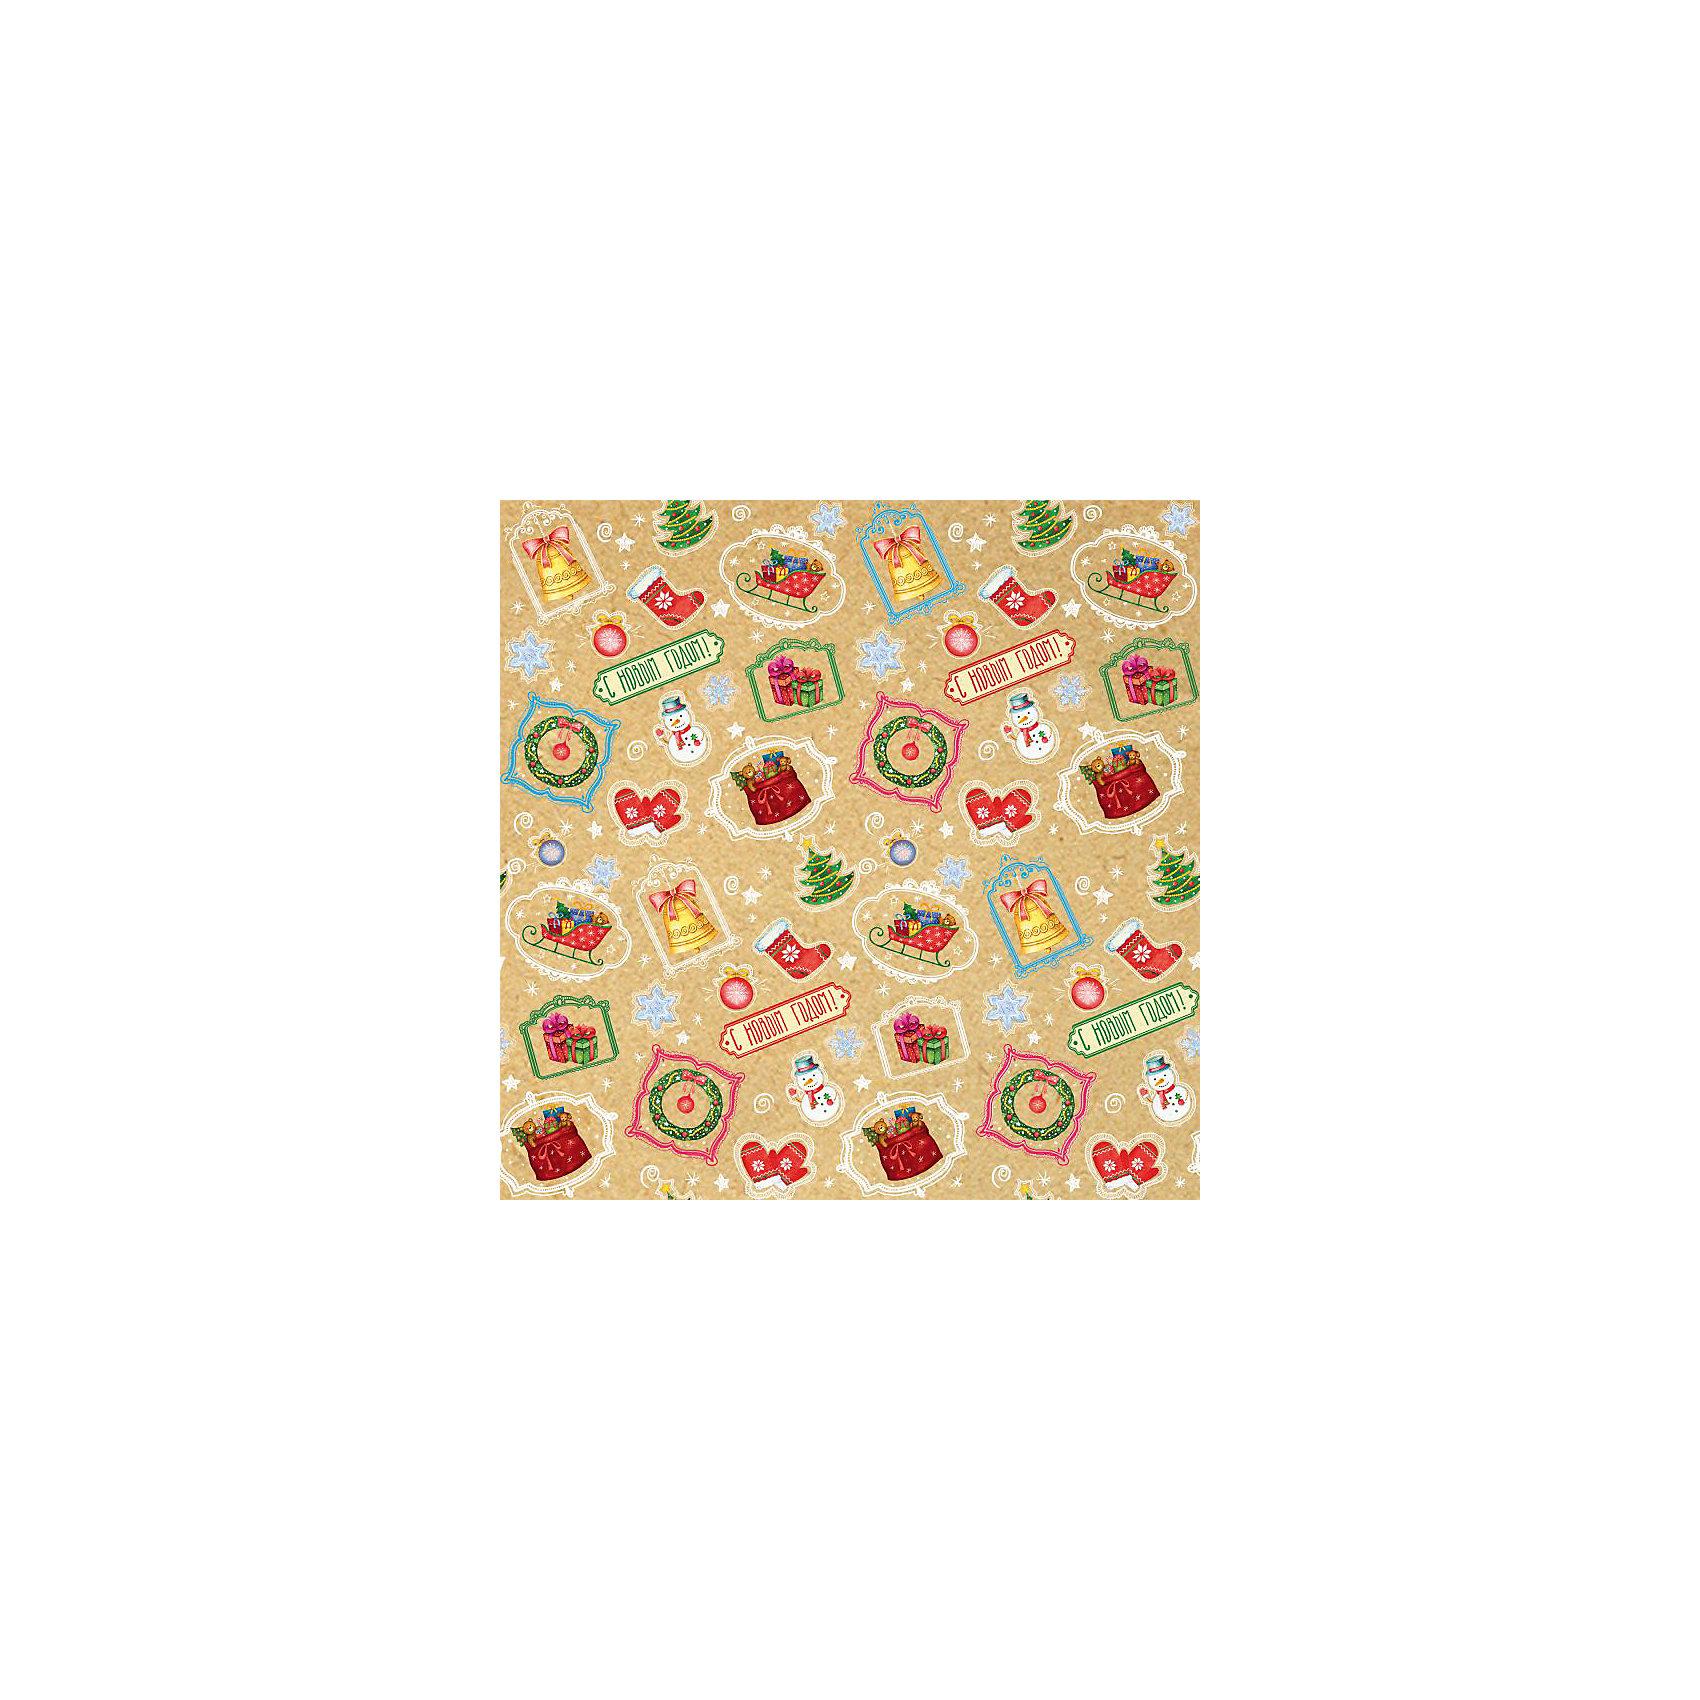 Крафт бумага Новогодний калейдоскоп для сувенирной продукции в листах от myToys